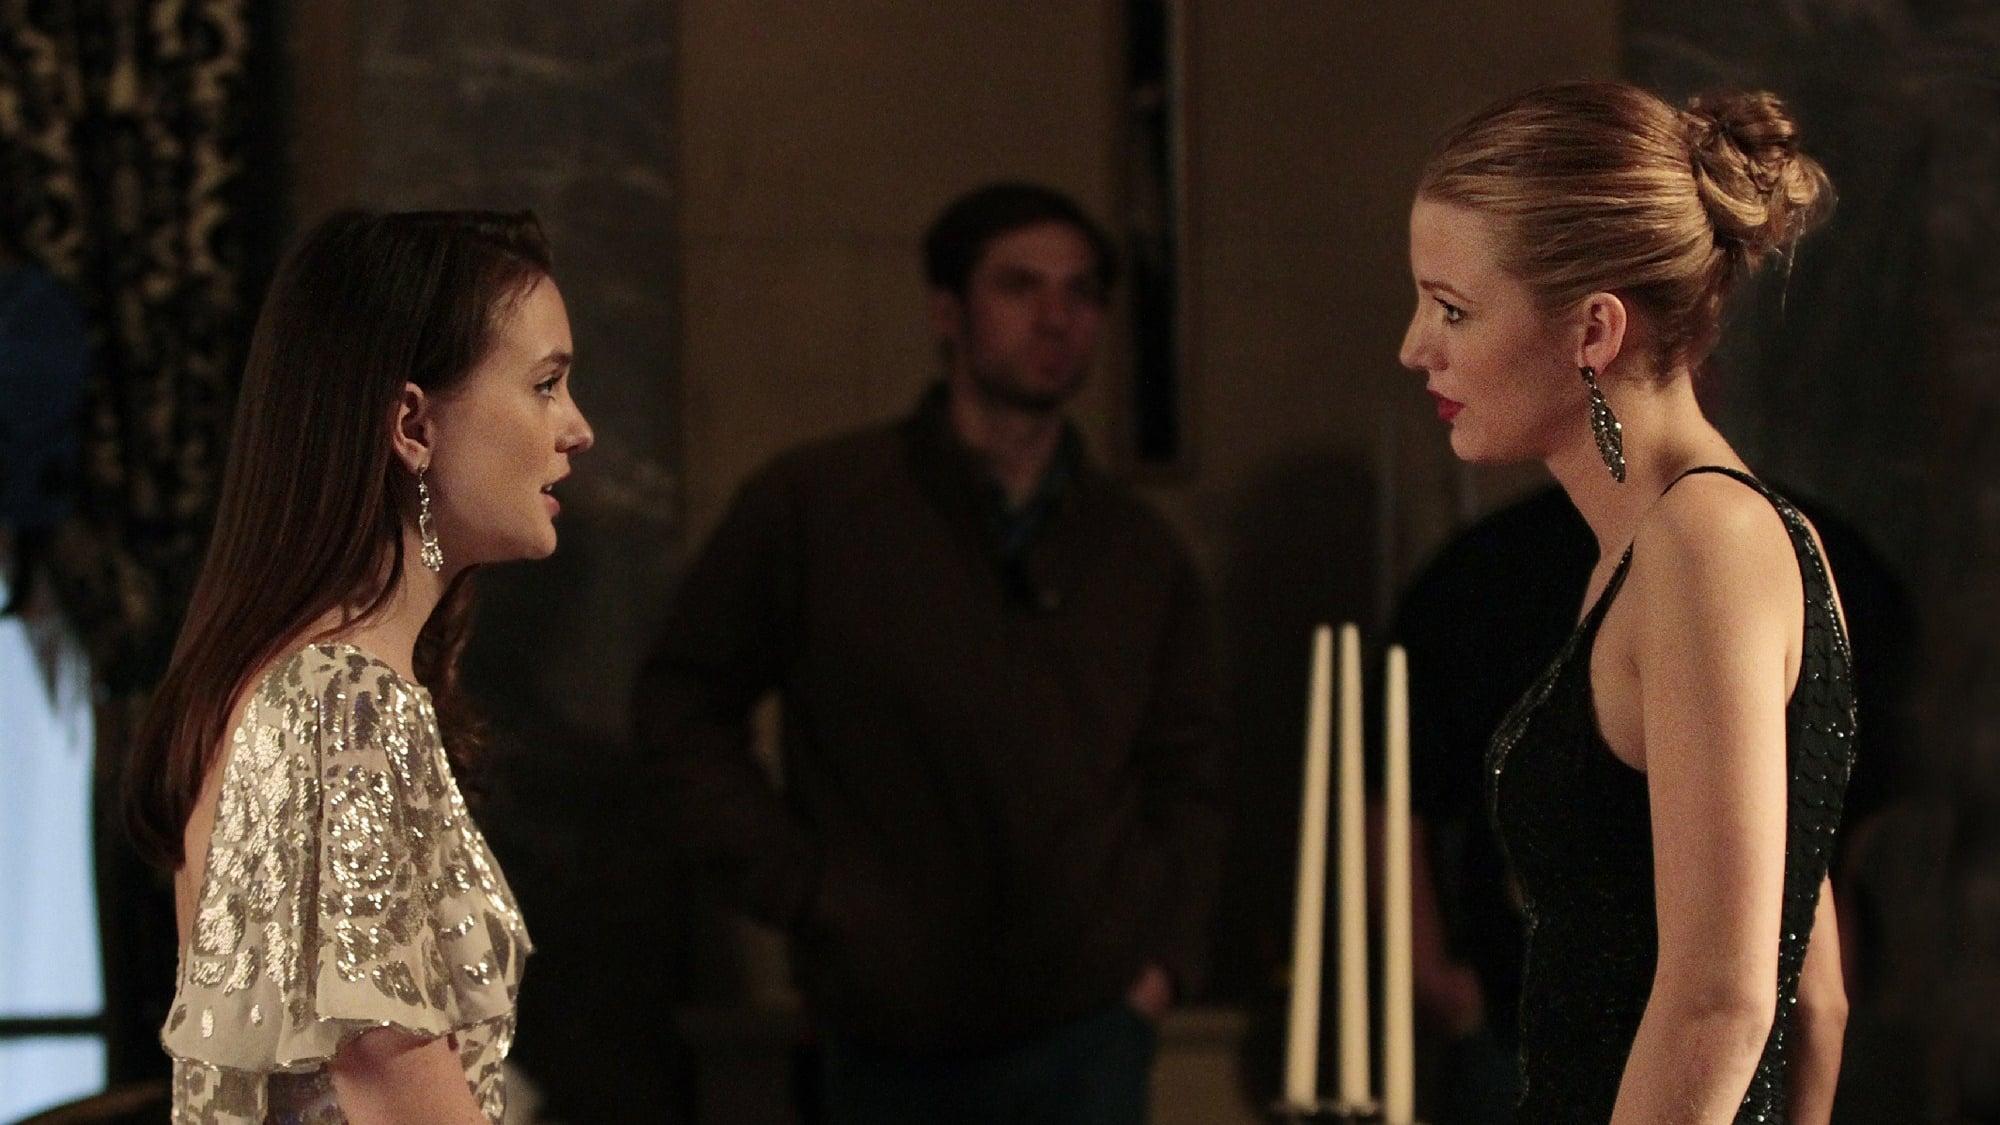 watch gossip girl  season 4 episode 15 full free on